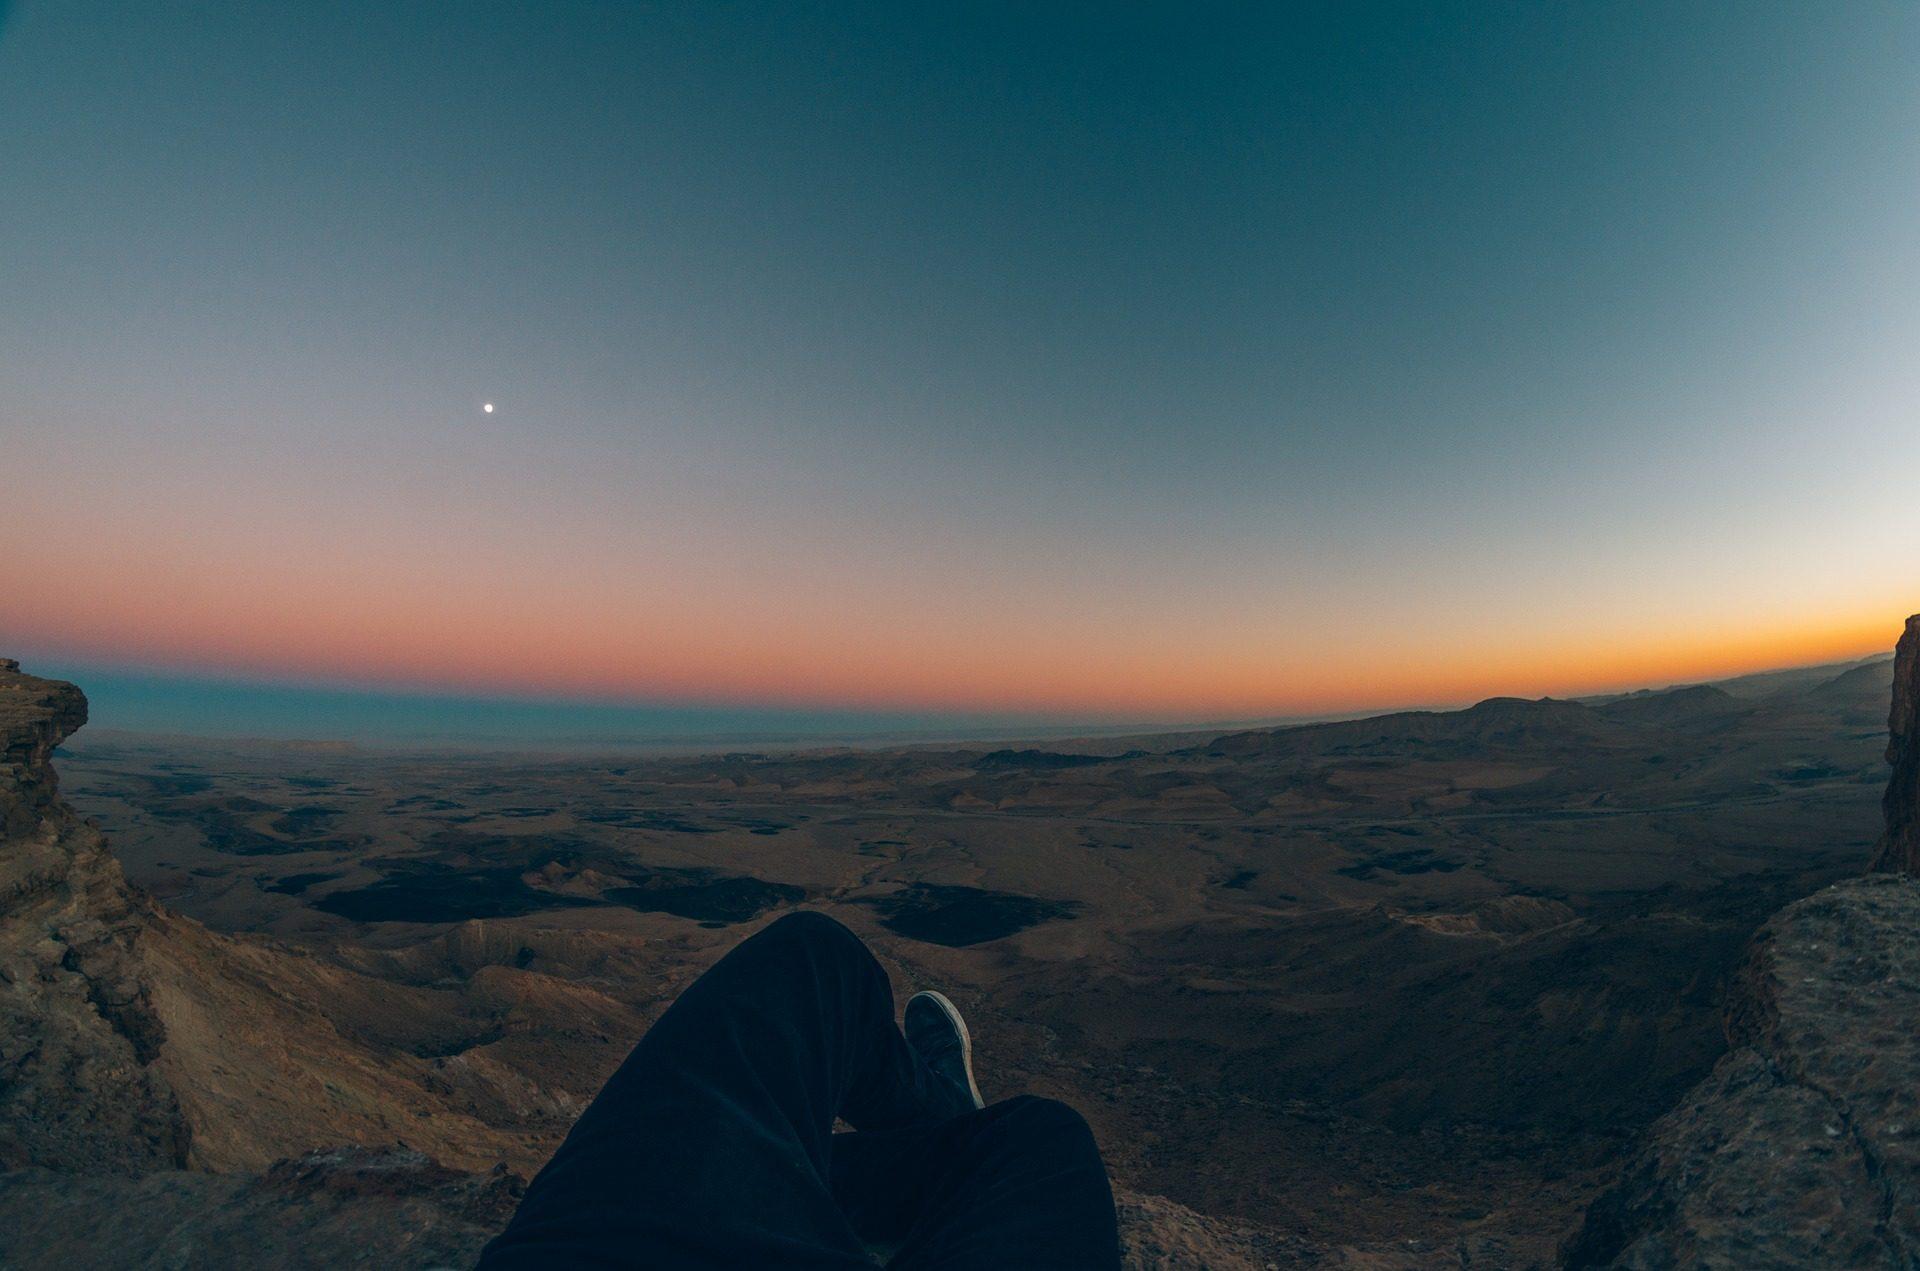 montañas, horizonte, alturas, Céu, Pôr do sol, Lua - Papéis de parede HD - Professor-falken.com